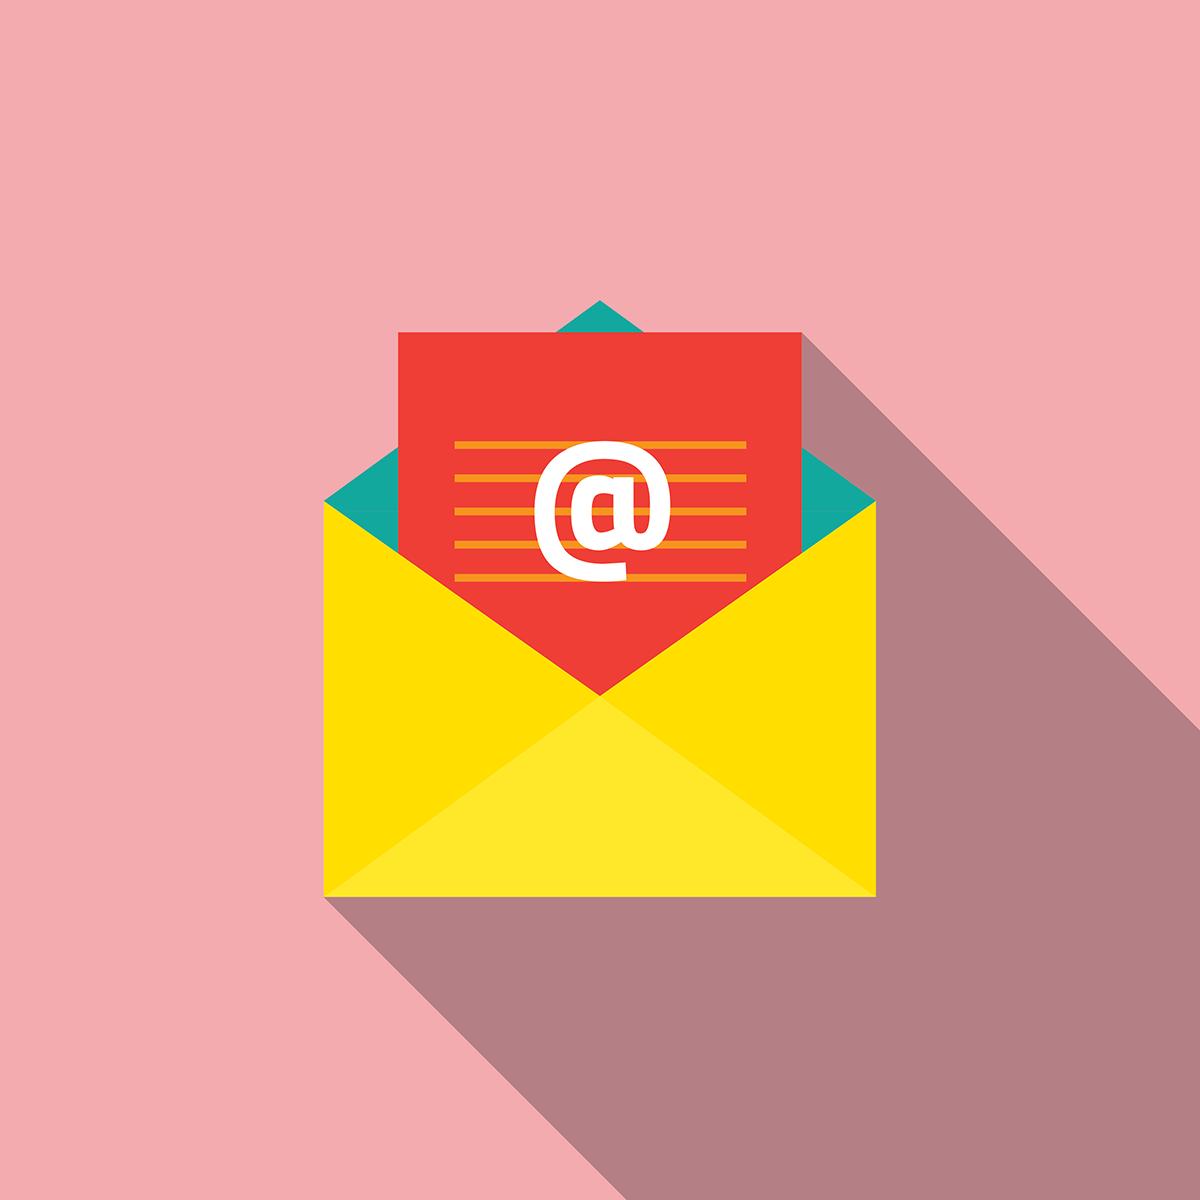 EmailNewsletterBlog